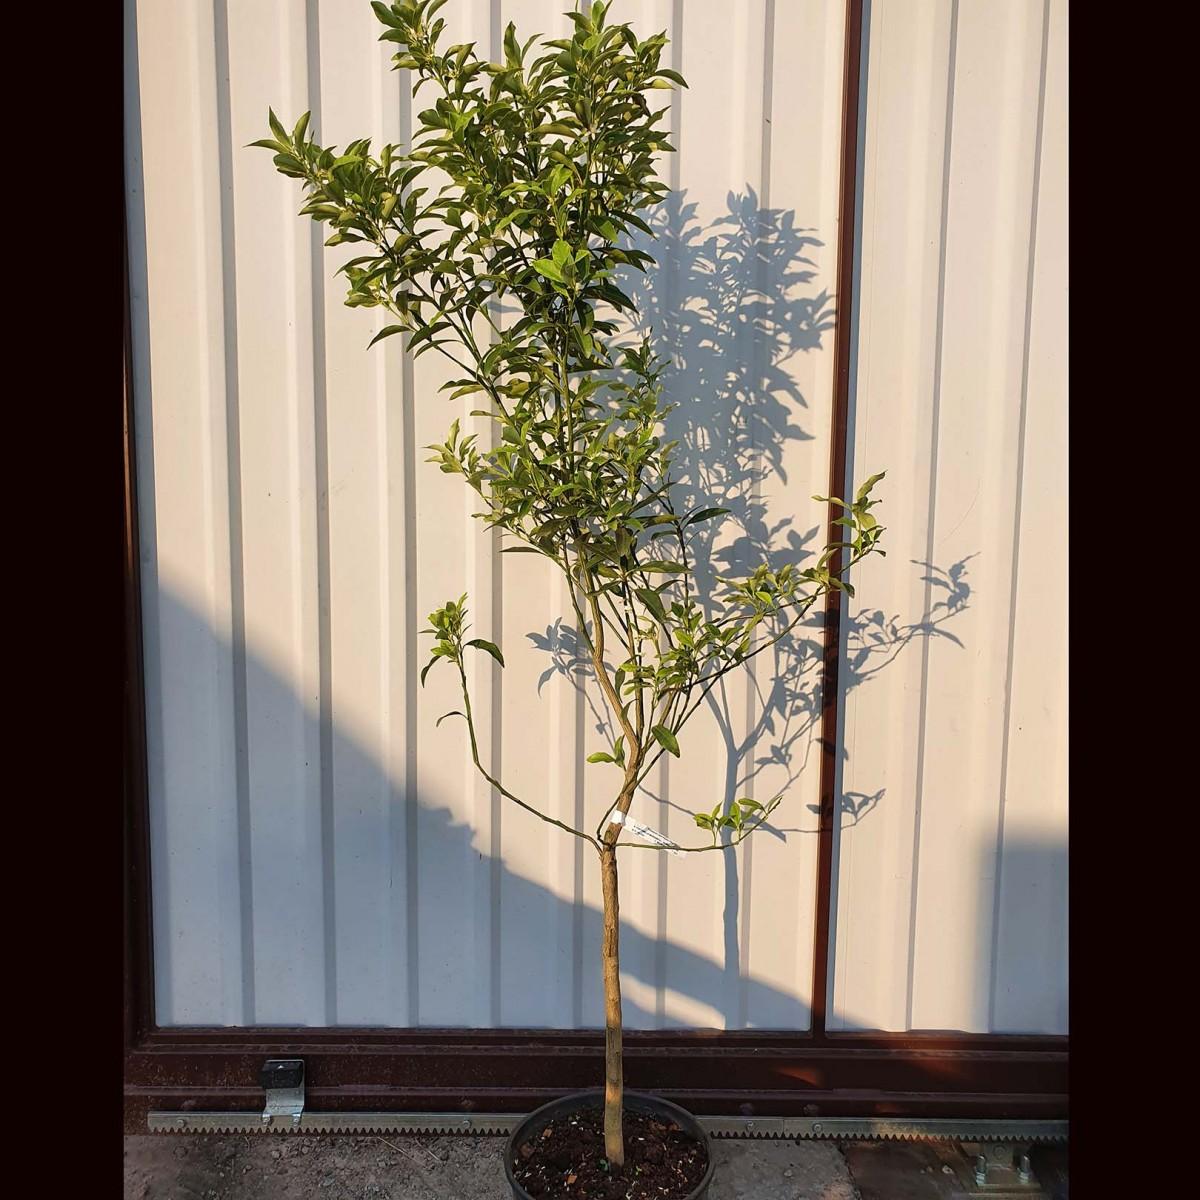 Цитрусовые растения КРУПНОМЕРЫ (закрытая корневая) 120-150 см. Комнатный